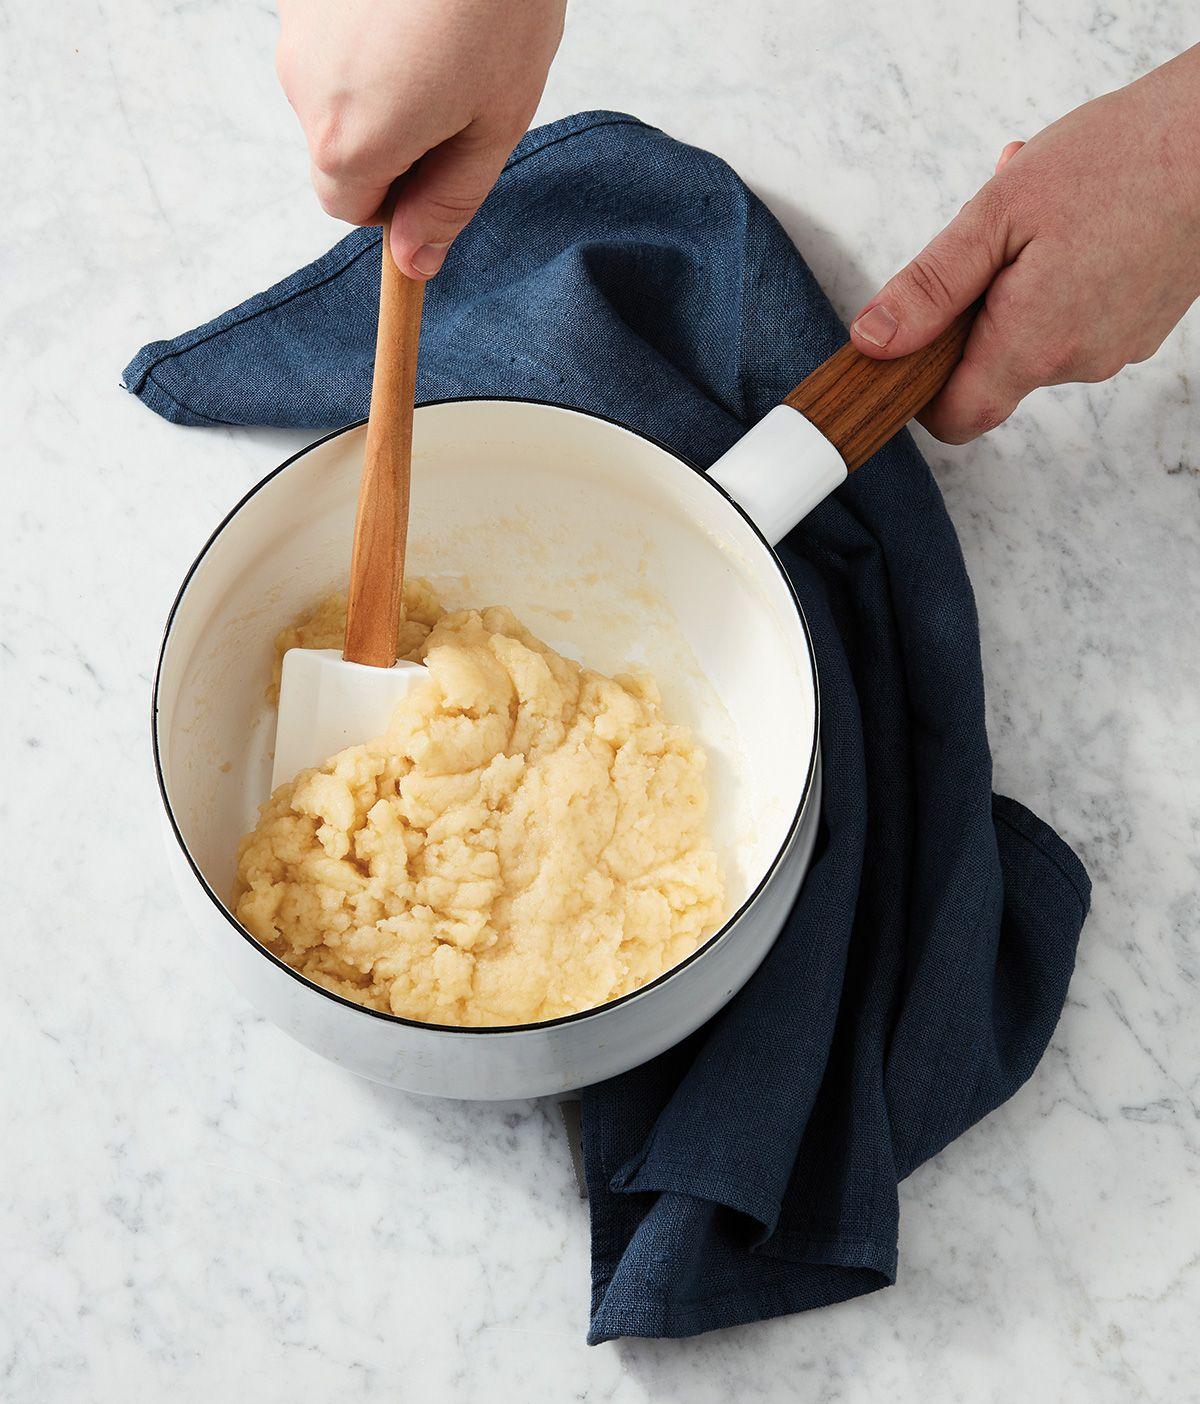 Pâte à choux perfected King arthur flour, Pressure